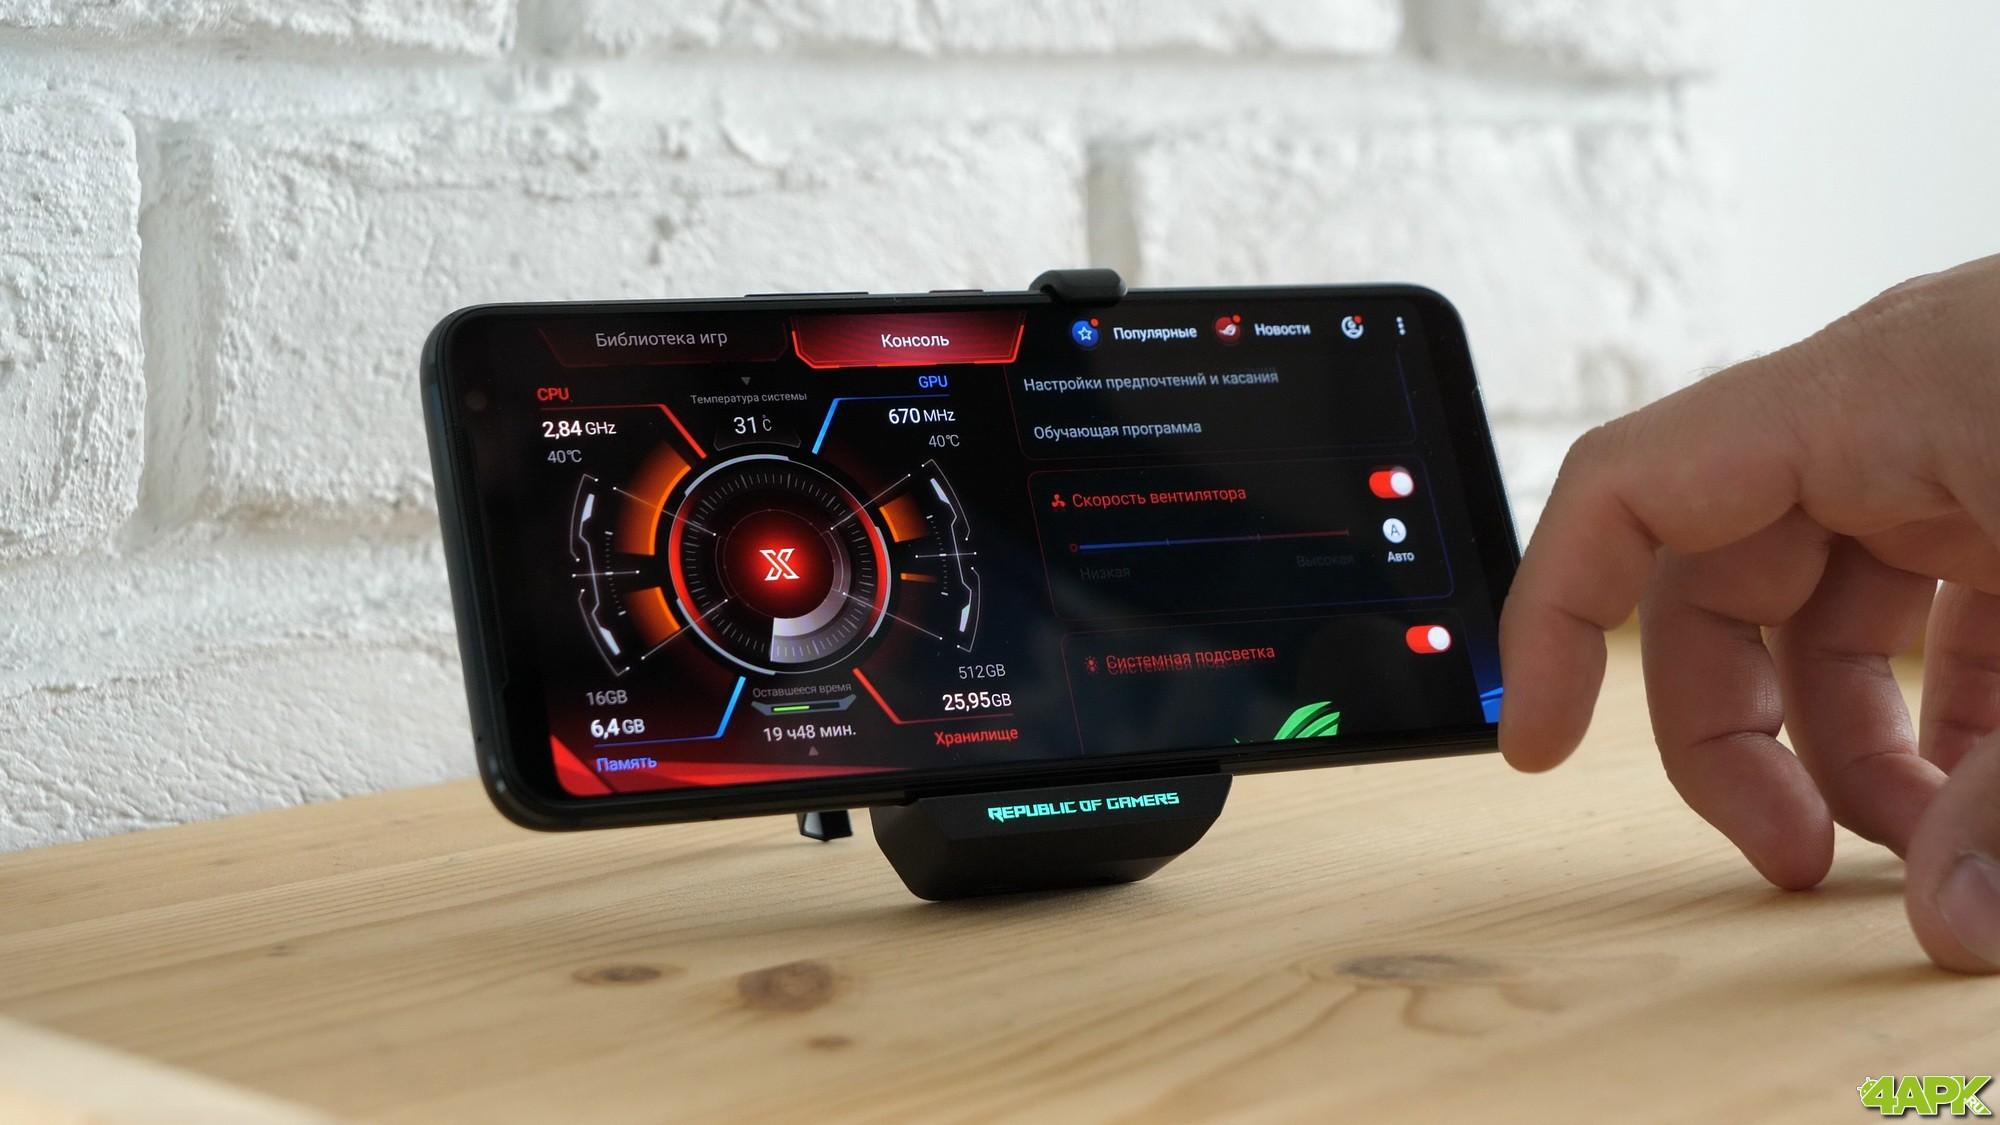 Обзор ASUS ROG Phone 3: топовый смартфон для игр Другие устройства  - obzor_asus_rog_phone_3_luchshij_igrovoj_smartfon_20206_picture10_0